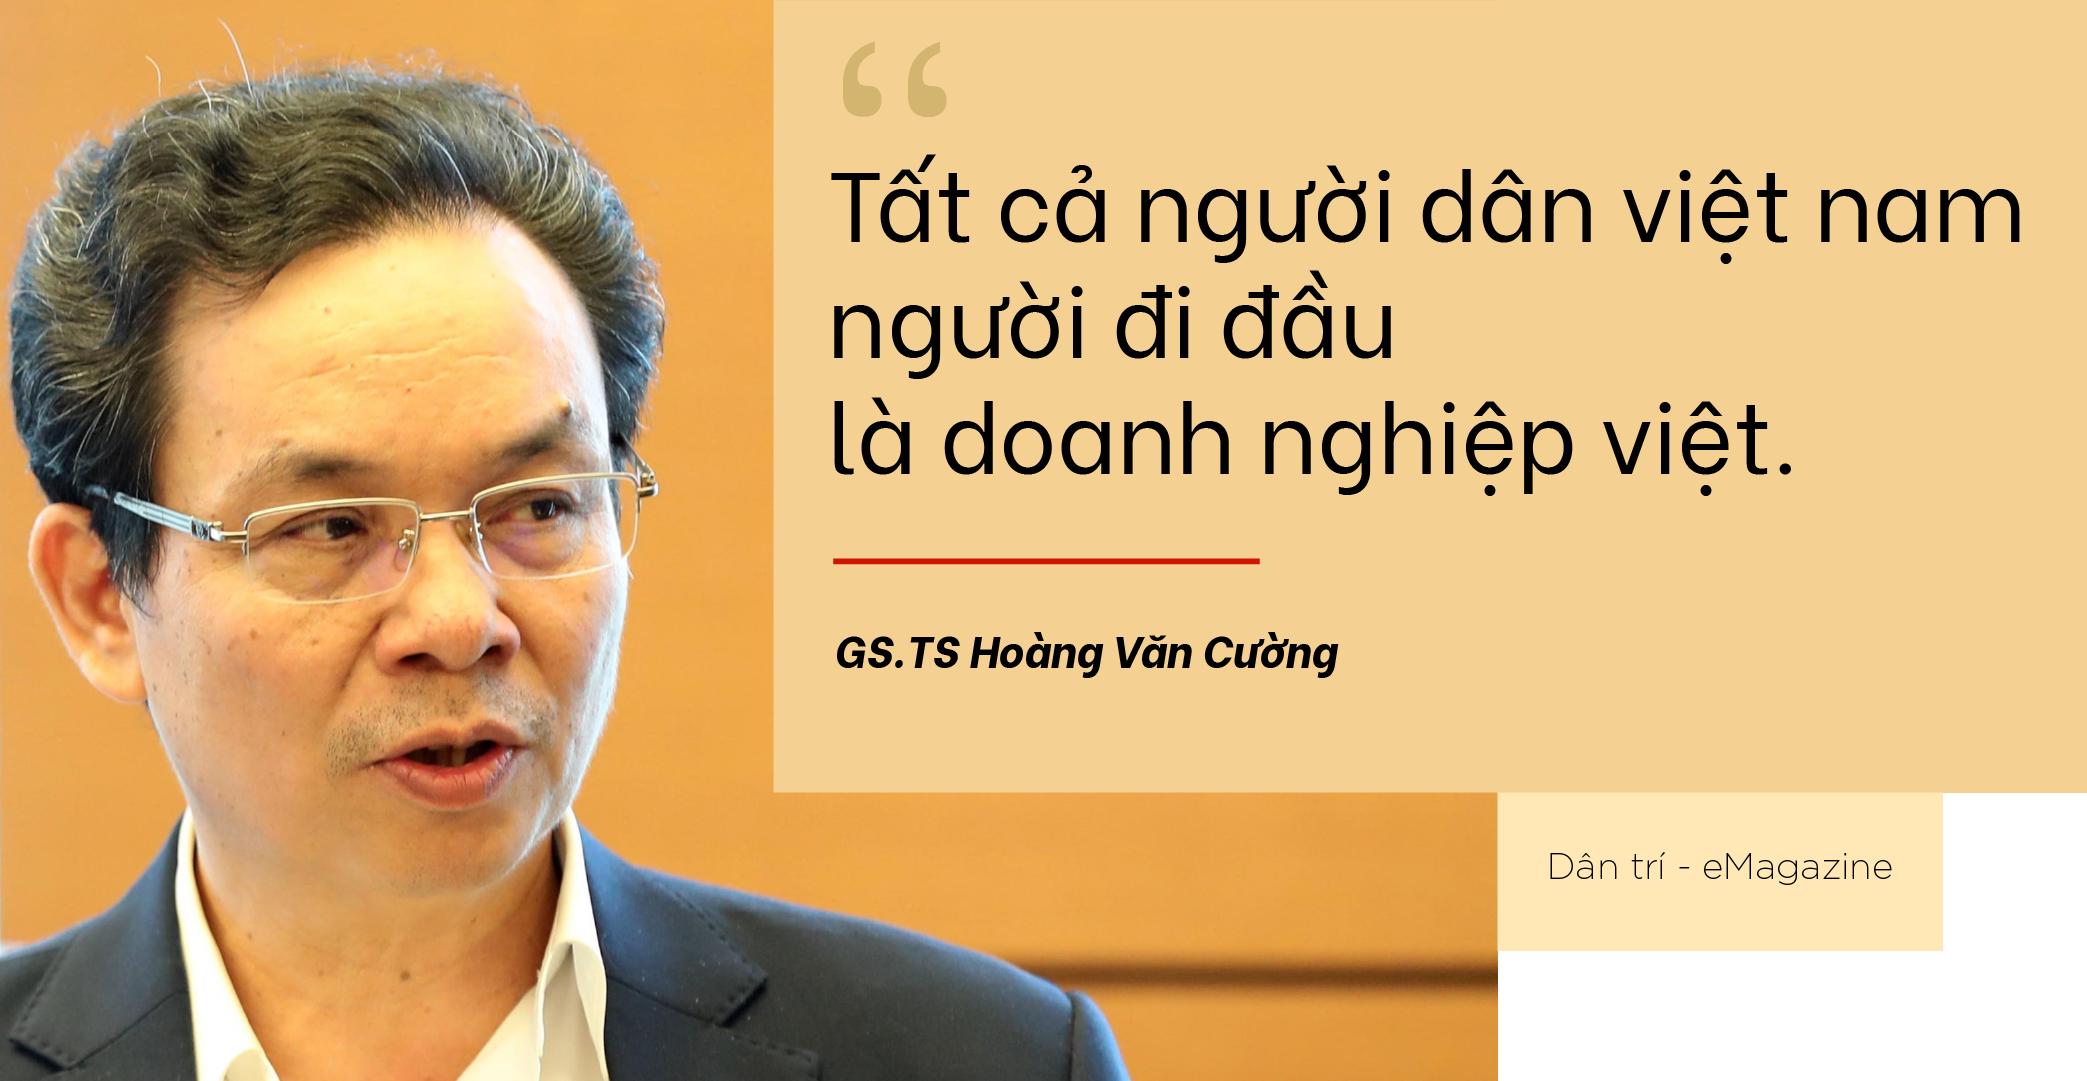 GS.TS Hoàng Văn Cường: Việt Nam muốn giàu mạnh, sứ mệnh đặt lên vai ai? - 5